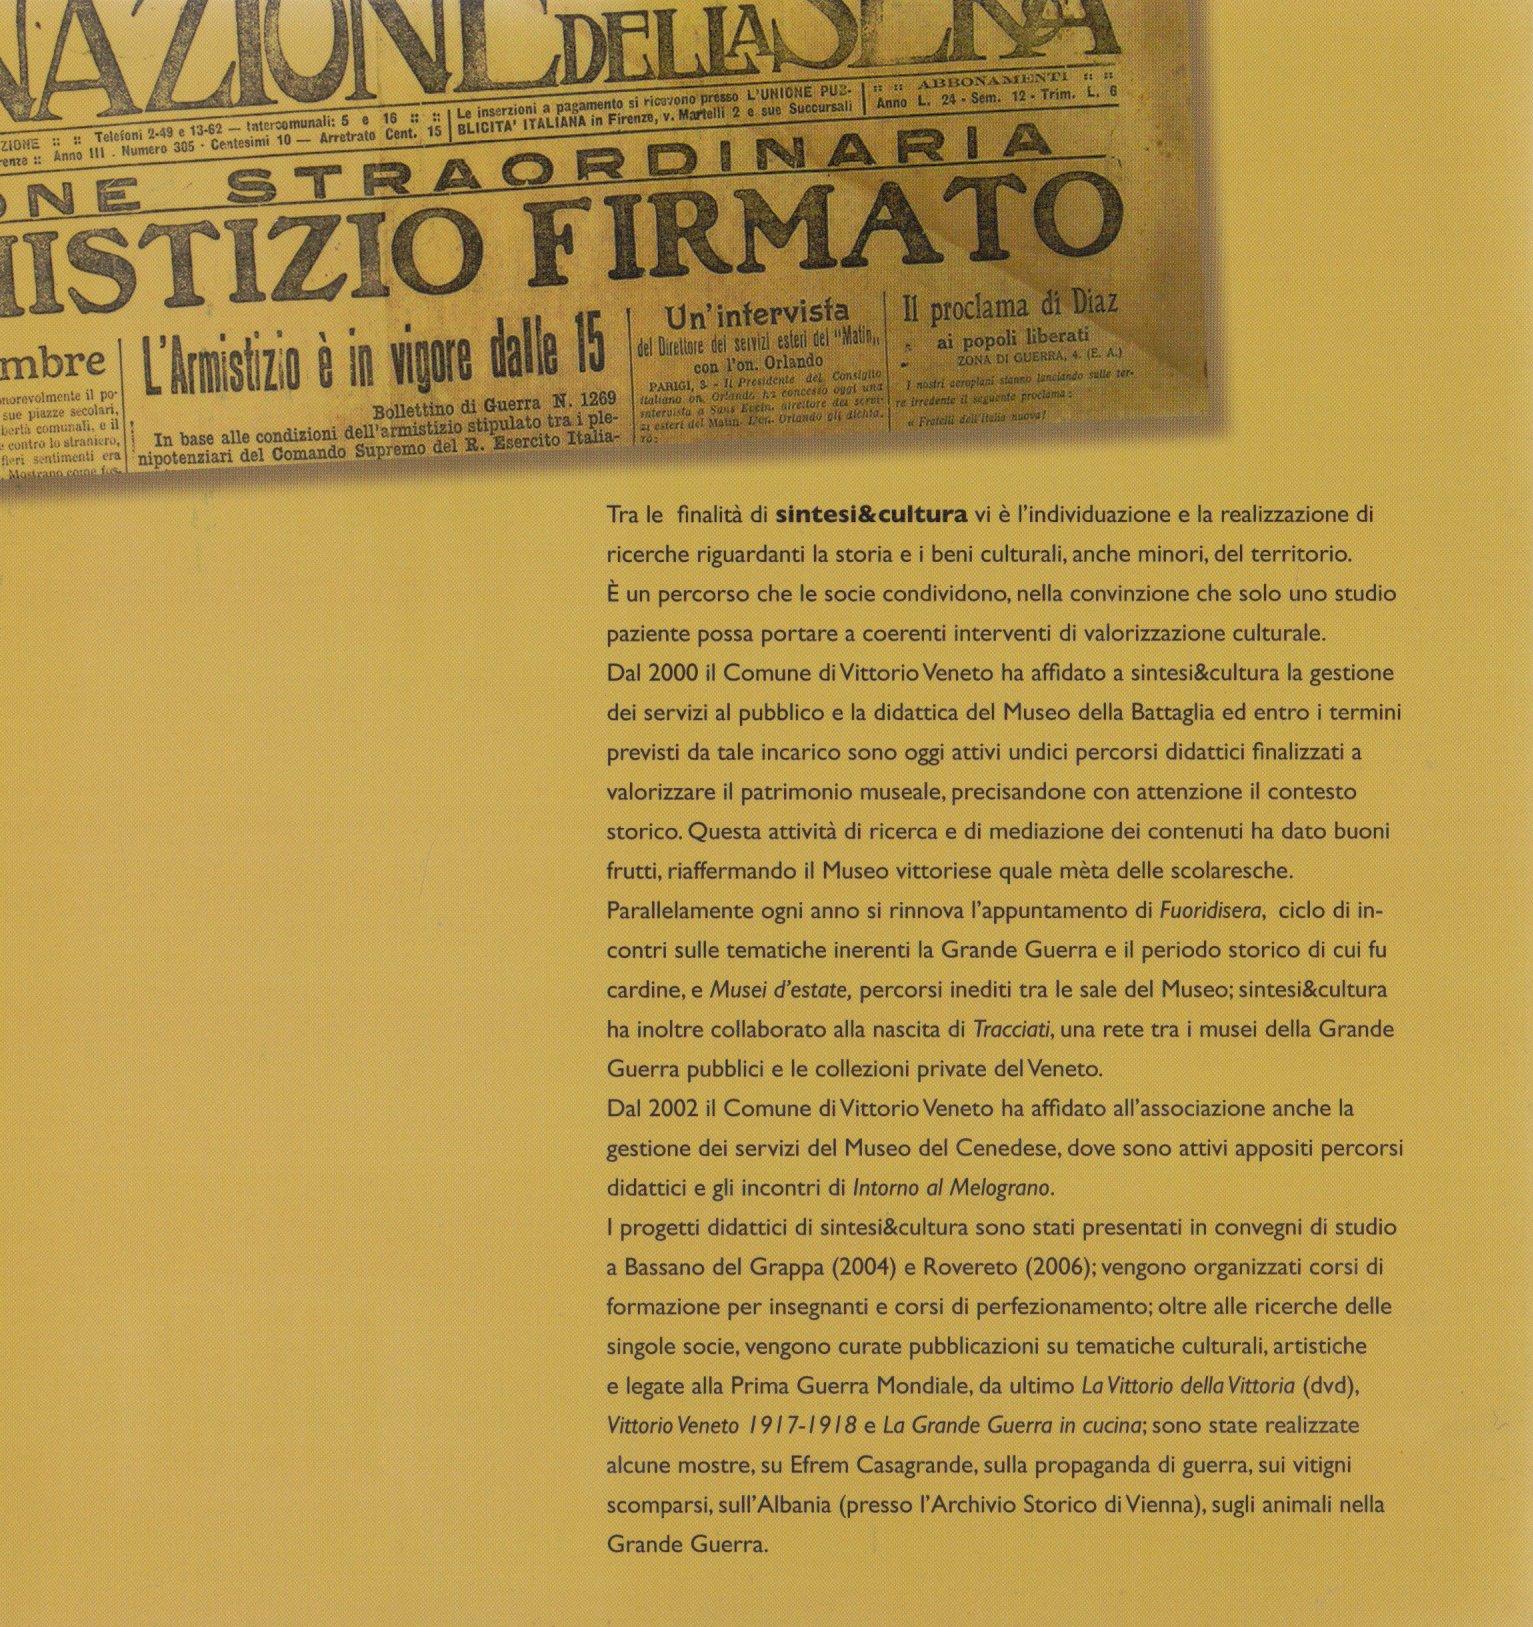 La Grande guerra e la memoria nel Museo della battaglia di Vittorio Veneto.